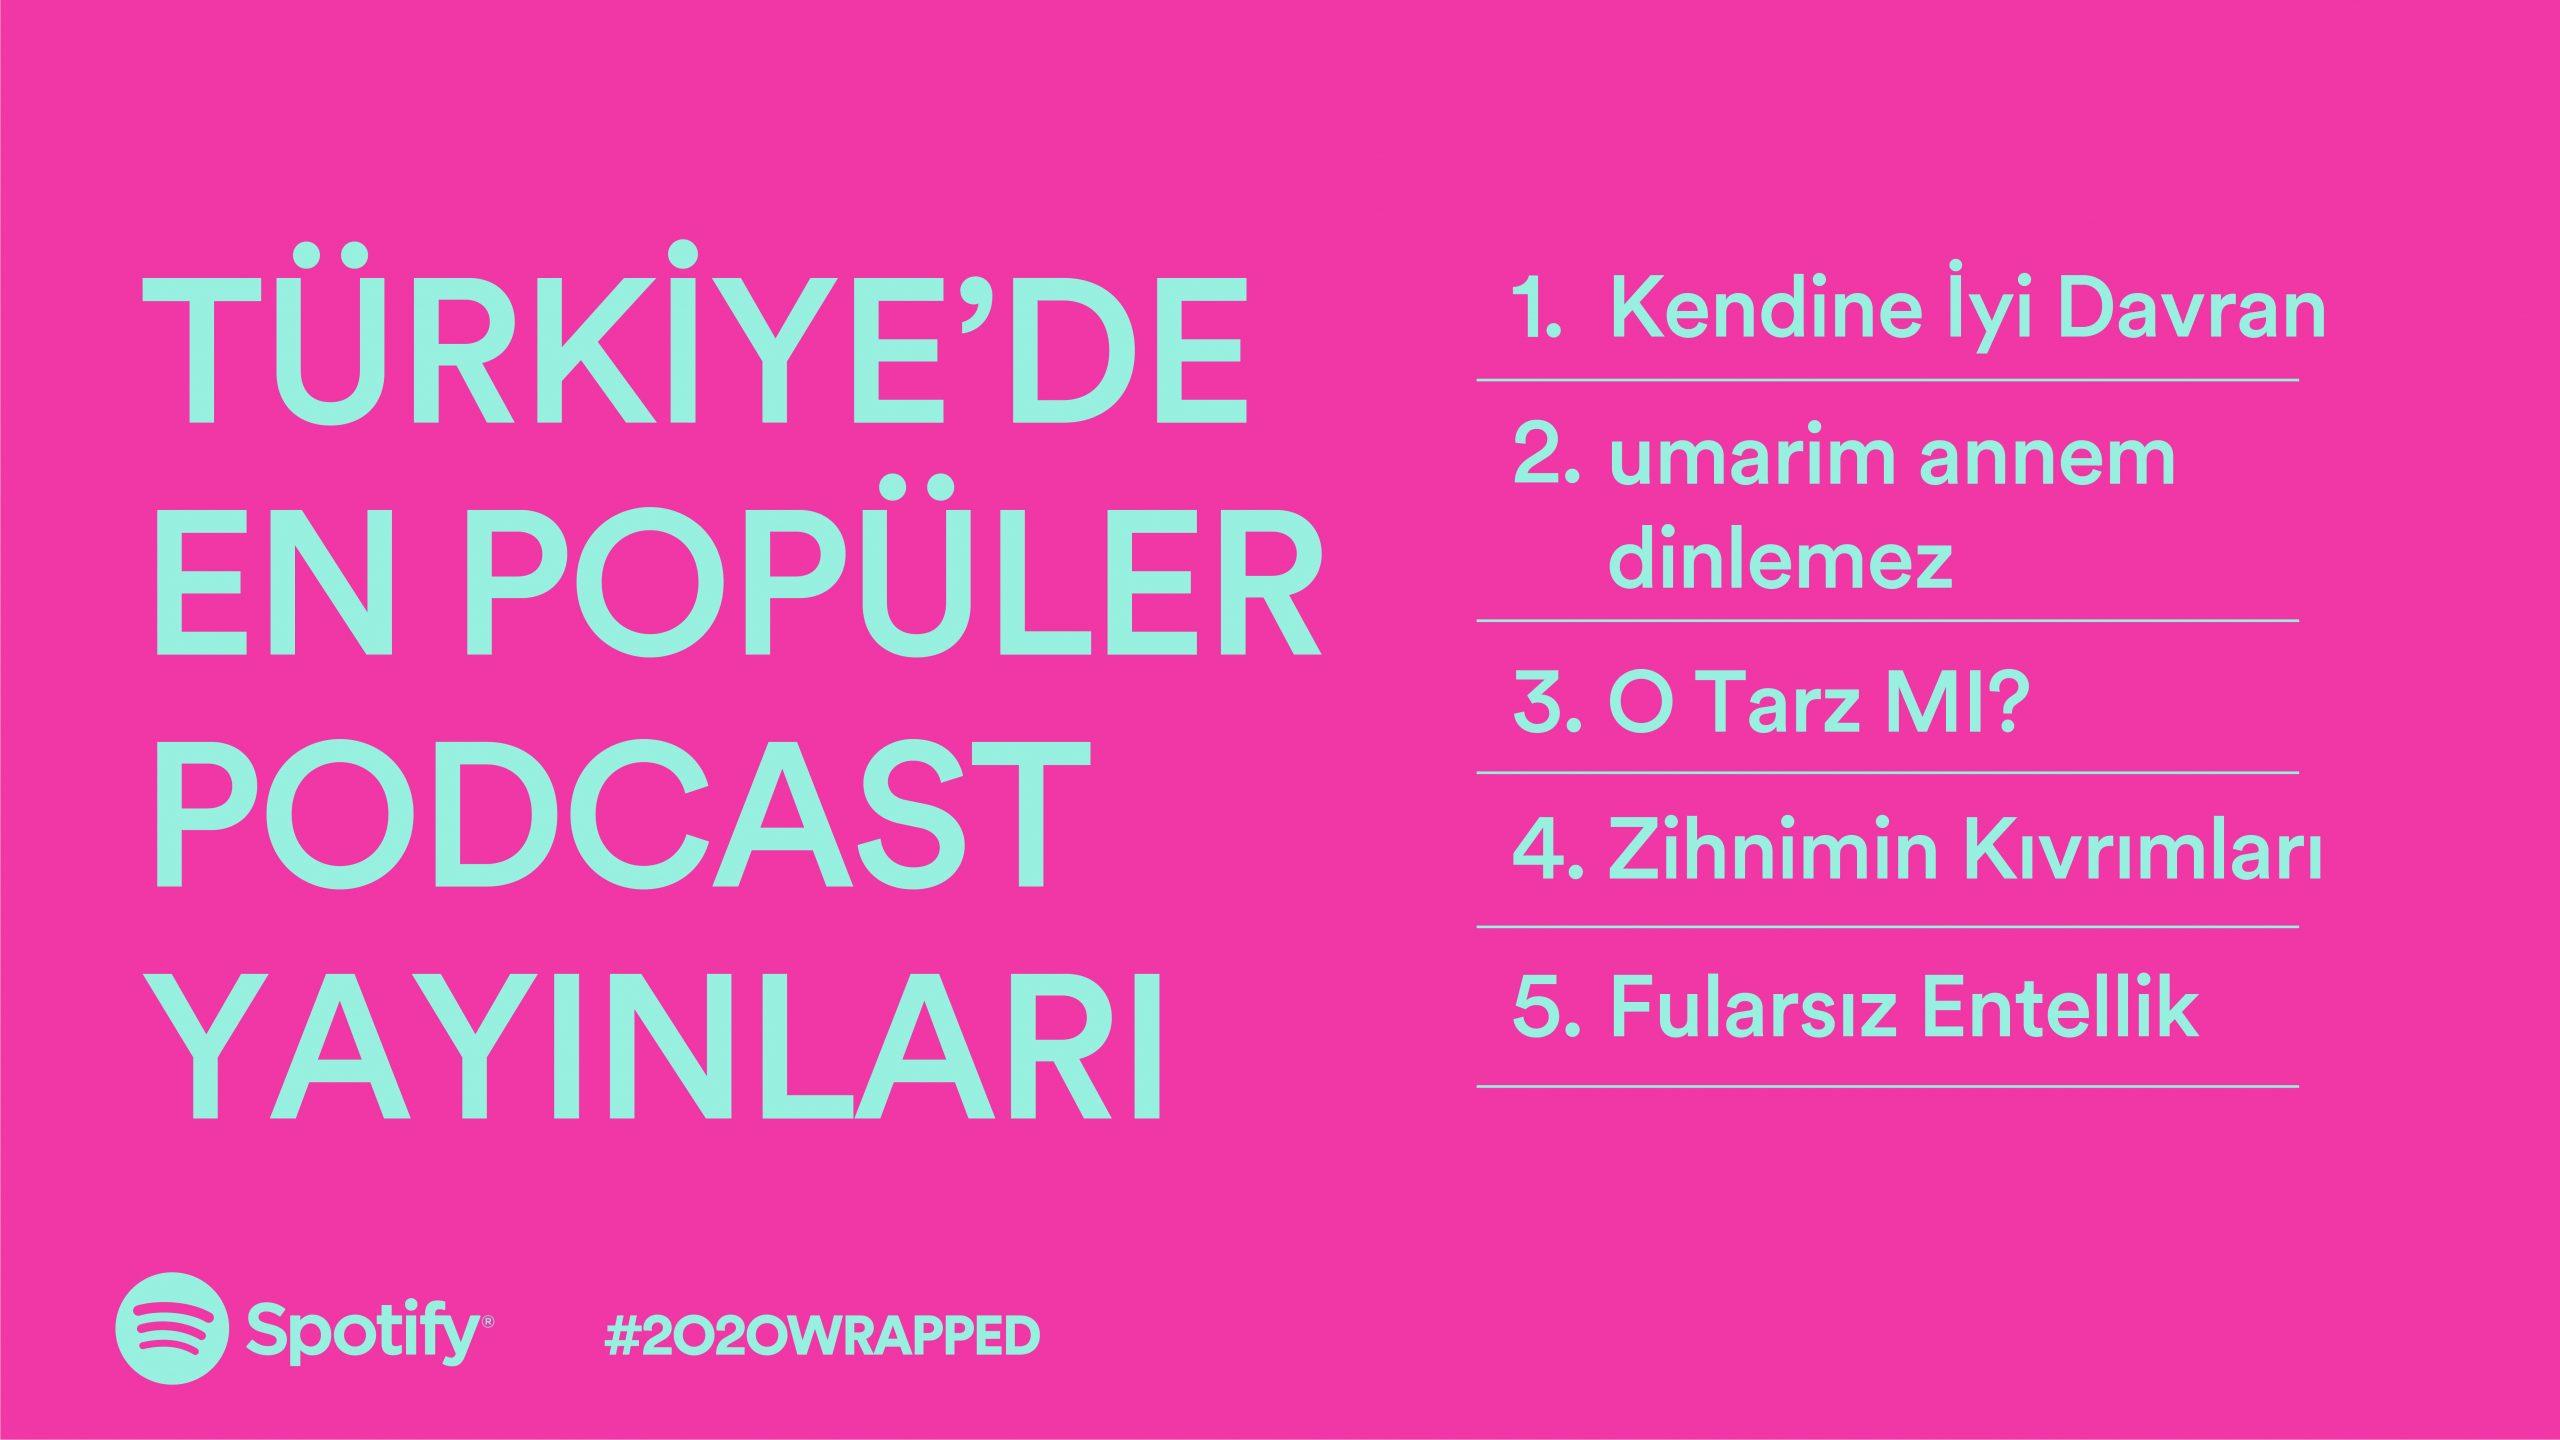 Spotify Türkiye'de En Çok Dinlenen Podcast Yayınları: